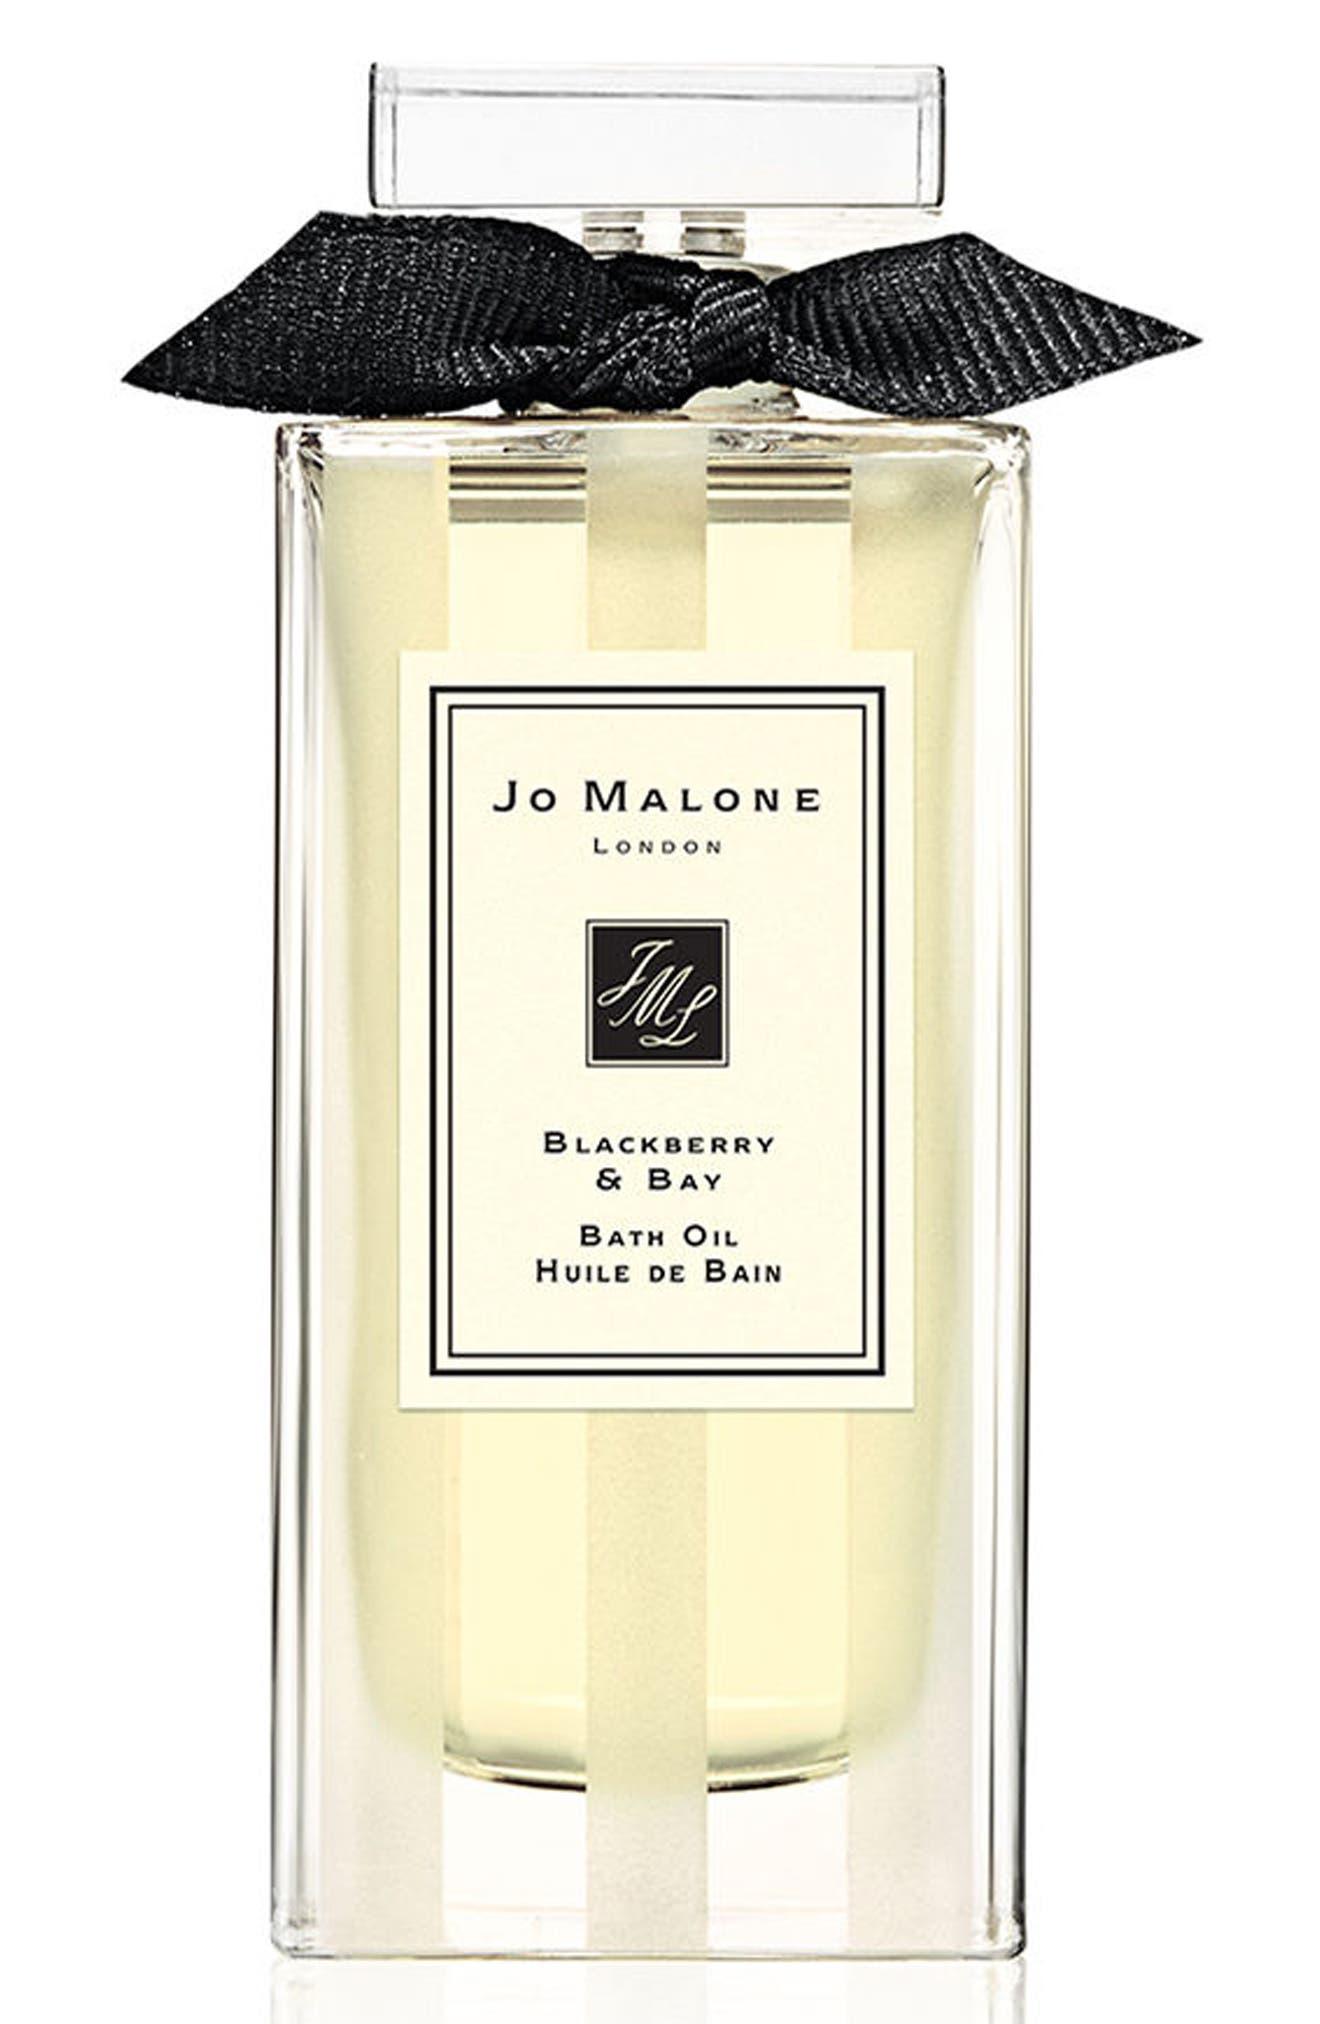 Jo Malone London™ Blackberry & Bay Bath Oil